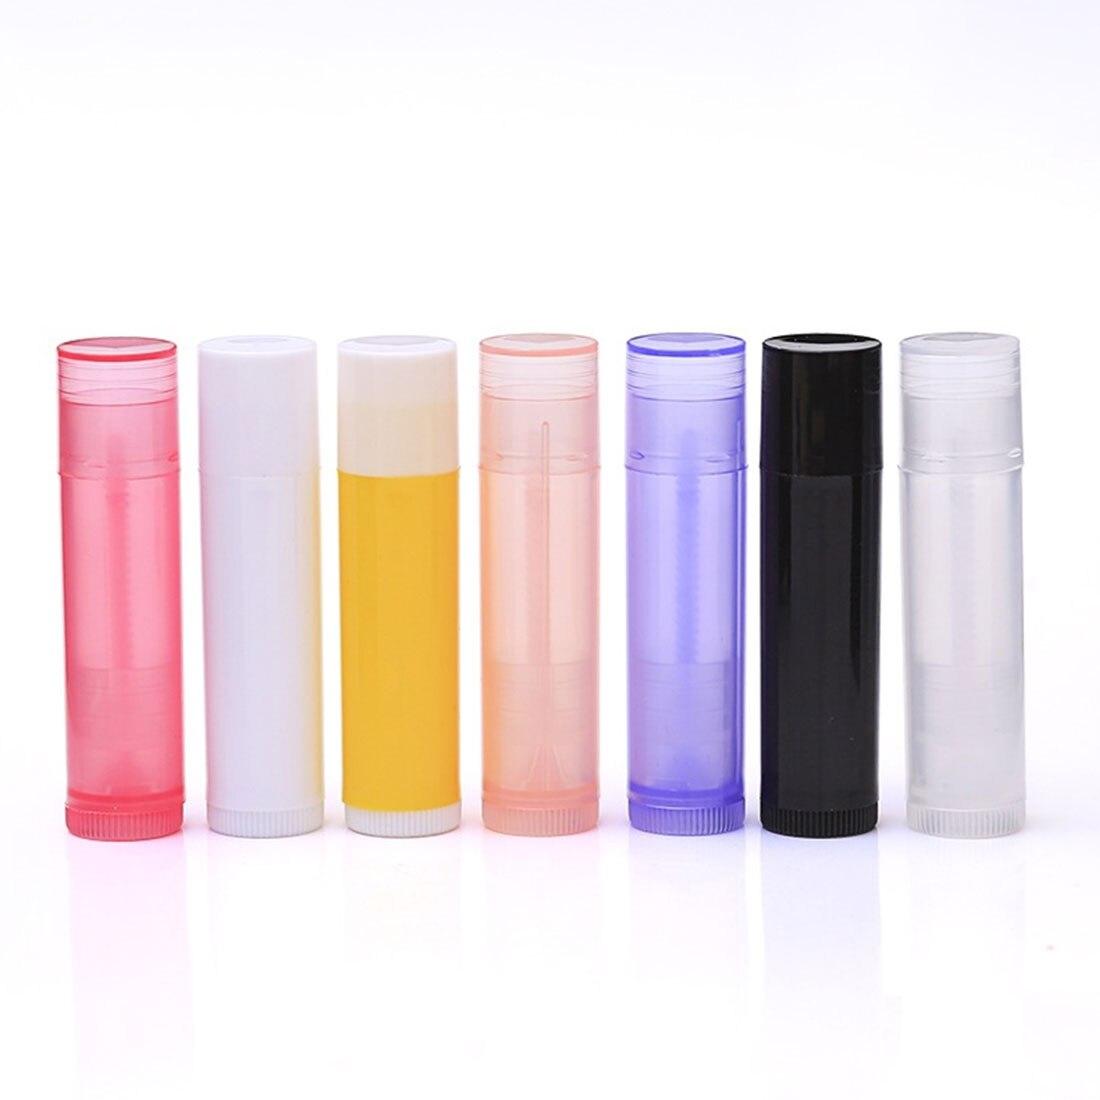 10pcs perfume sub bottle DIY lip balm tube 5g gram lipstick tube empty bottle lipstick tube cosmetic sub bottle tube in Refillable Bottles from Beauty Health